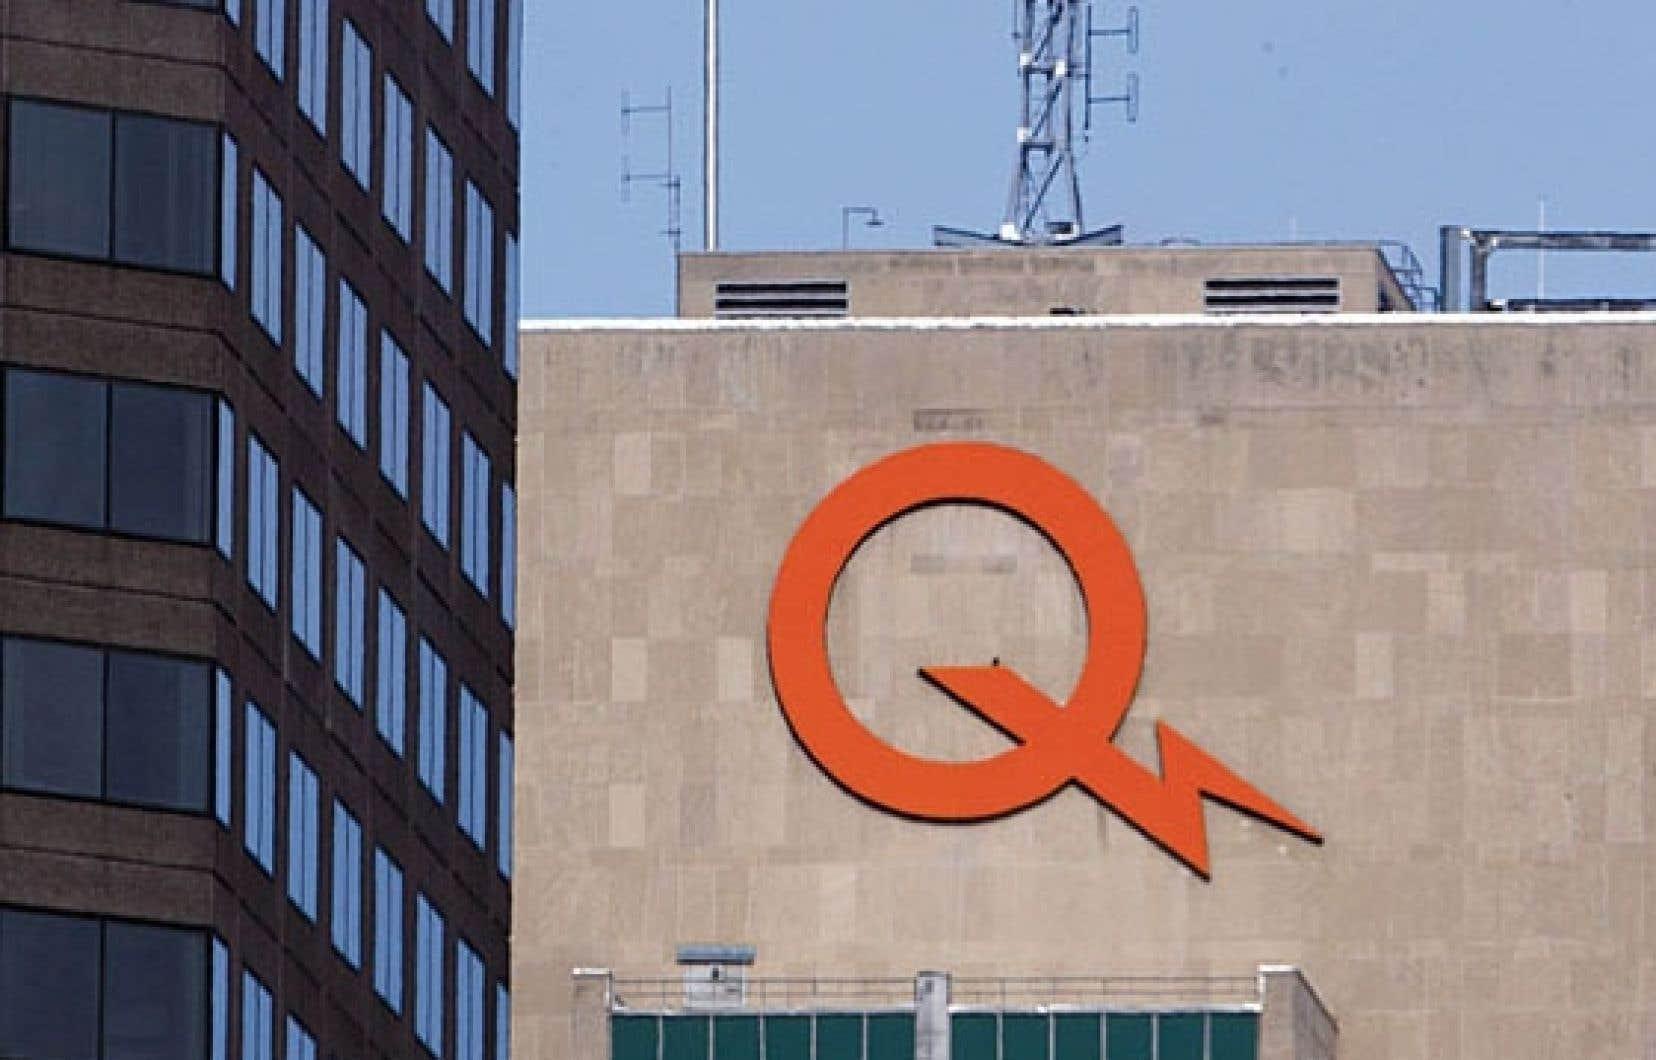 Le Québec a obtenu qu'Hydro-Québec bénéficie d'une exception générale pour des biens et services jugés stratégiques, comme l'informatique et certains éléments d'ingénierie.